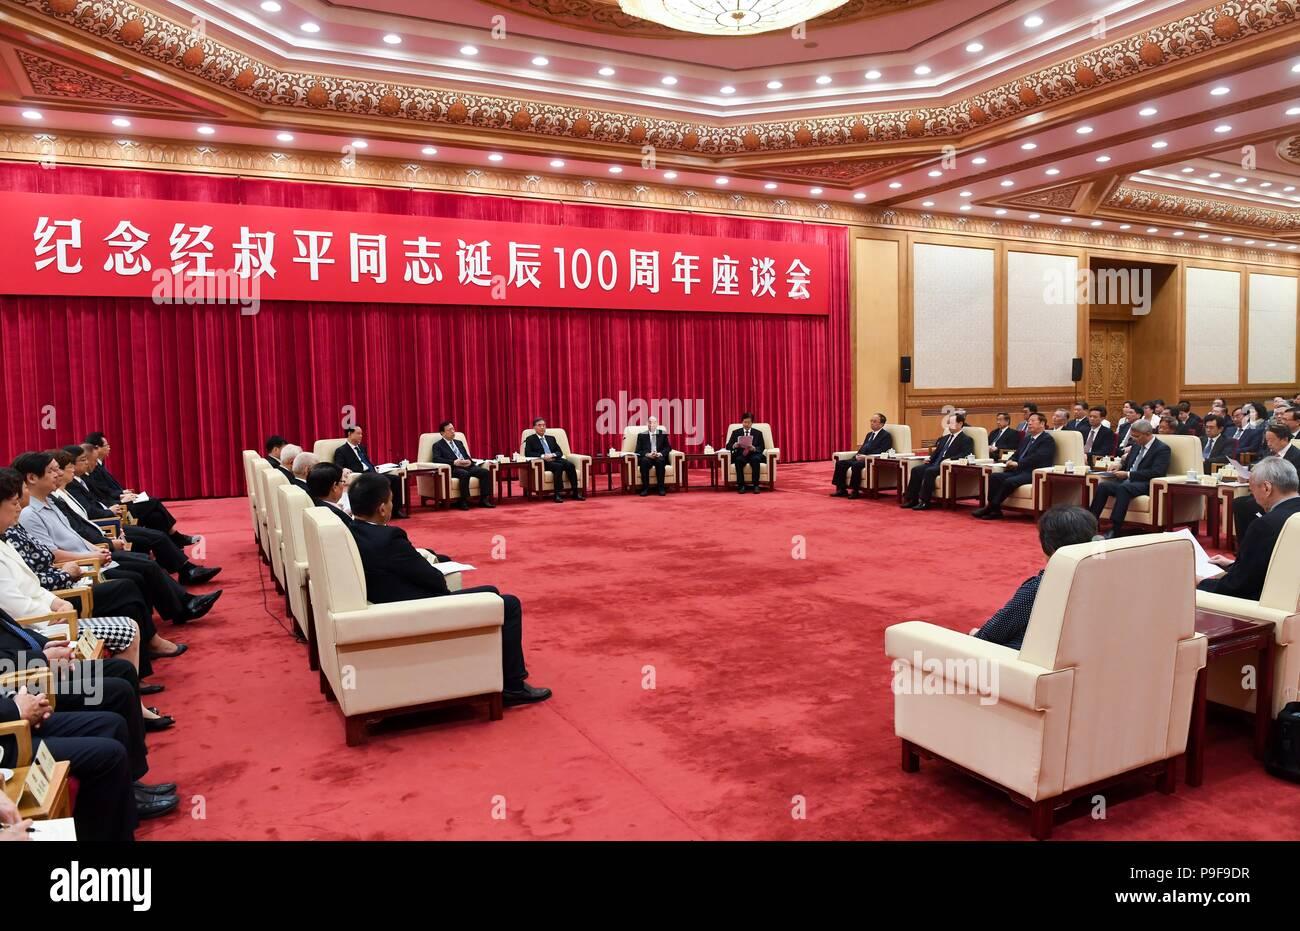 180718 Peking 18 Juli 2018 Xinhua Ein Symposium Zum 100